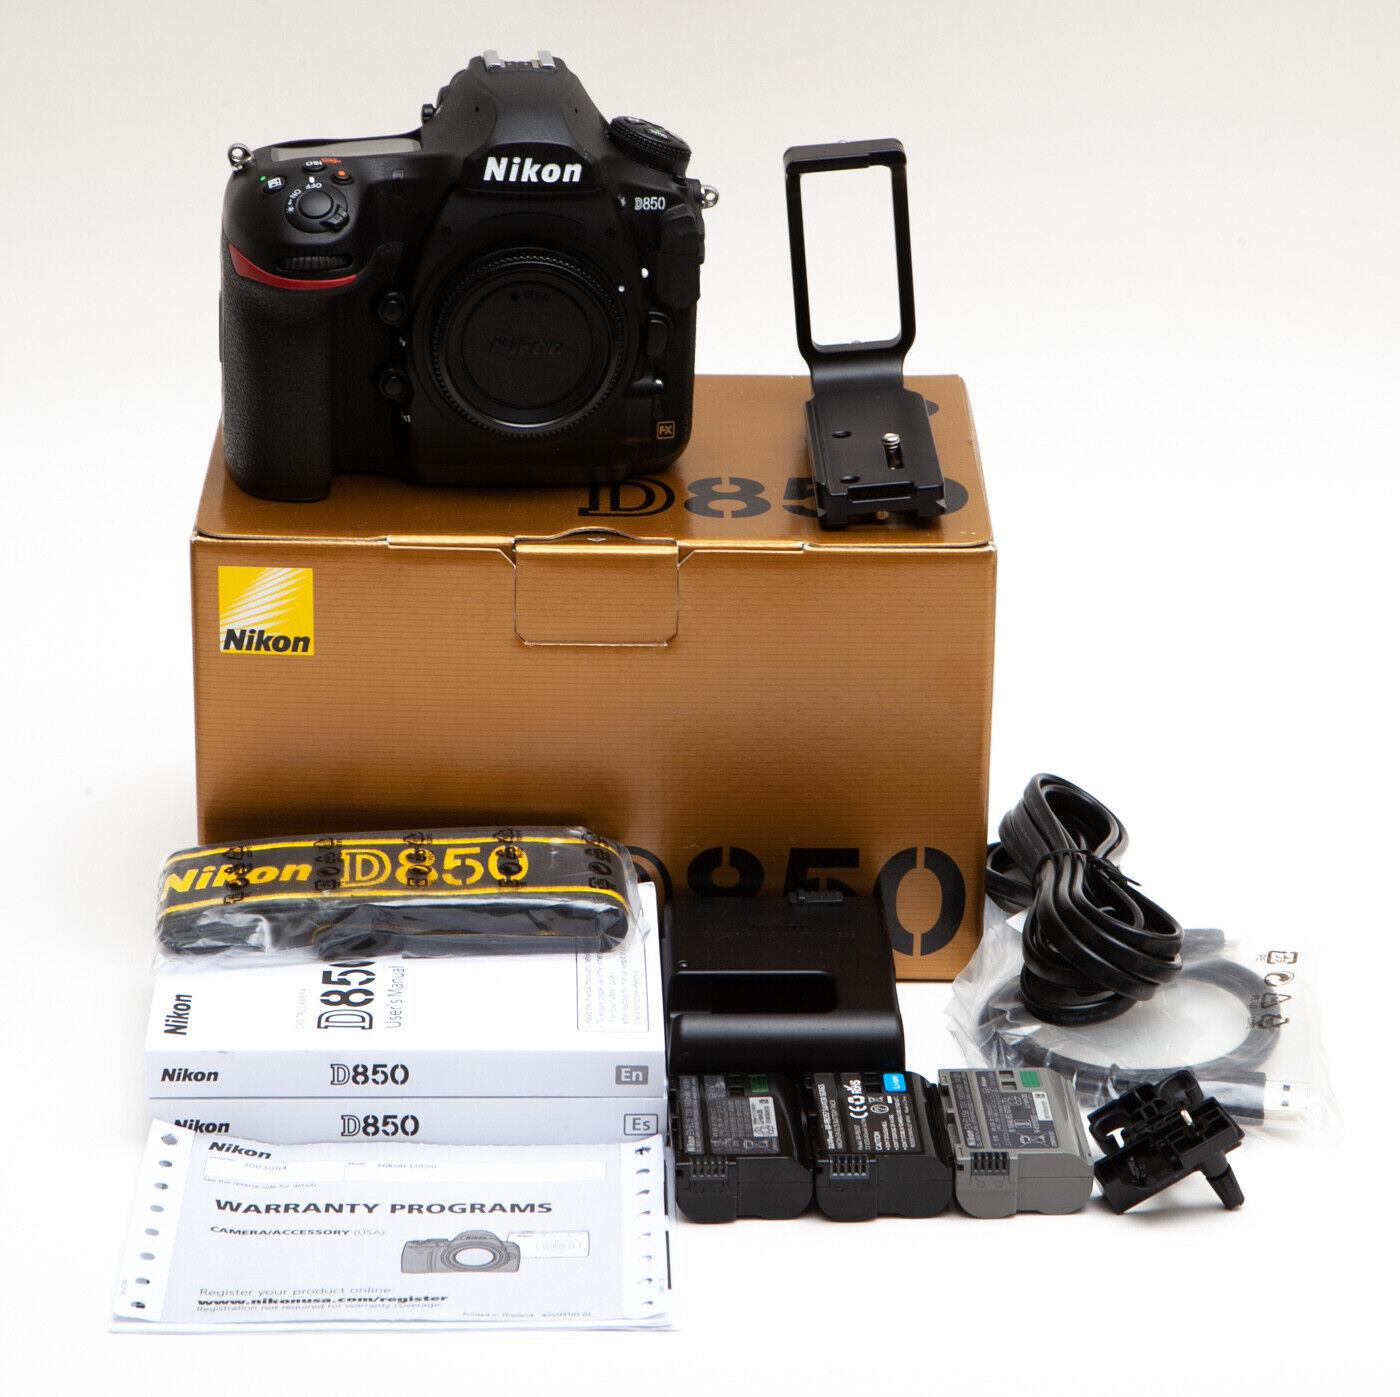 Nikon D D850 45.7MP Digital SLR Extras Excellent Camera USA Model  - $2,249.00